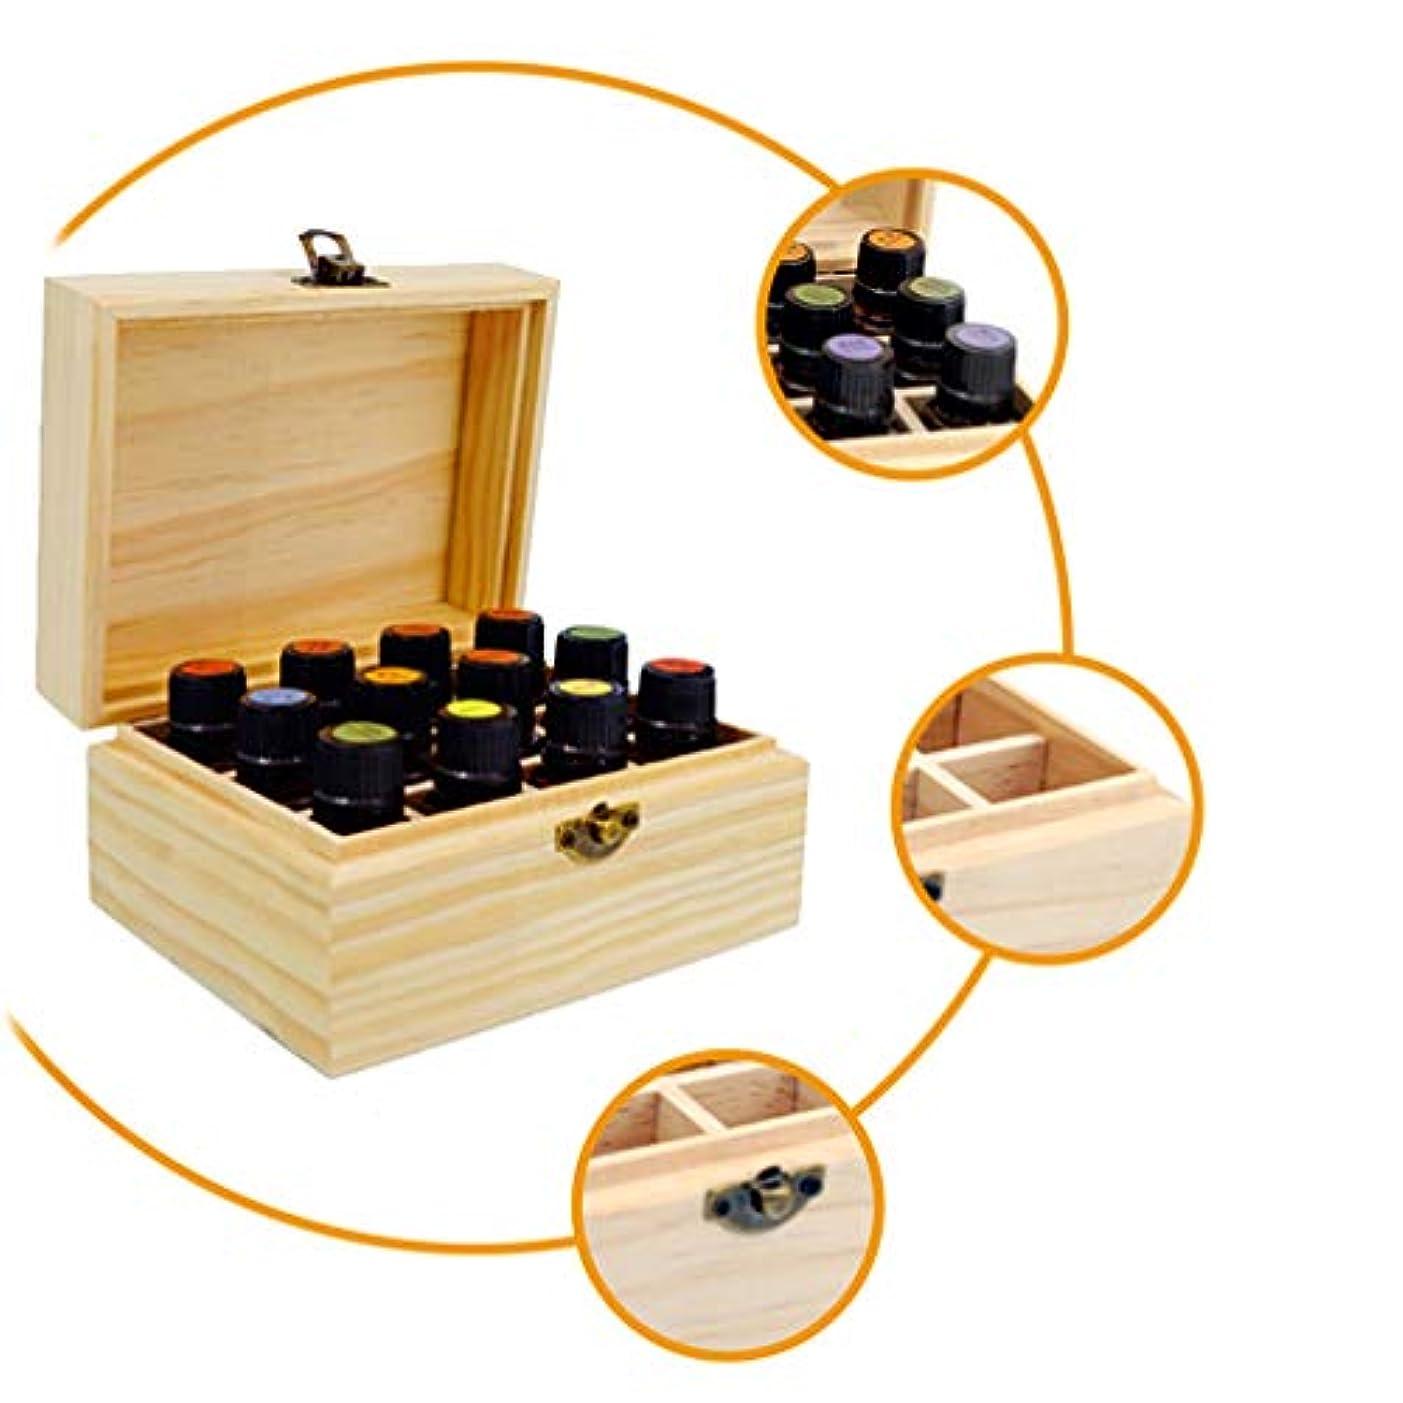 管理標準序文JIOLK エッセンシャルオイル 収納ボックス 12本用 木製 香水収納ケース 大容量 精油収納 携帯便利 オイルボックス おしゃれ 精油ケース